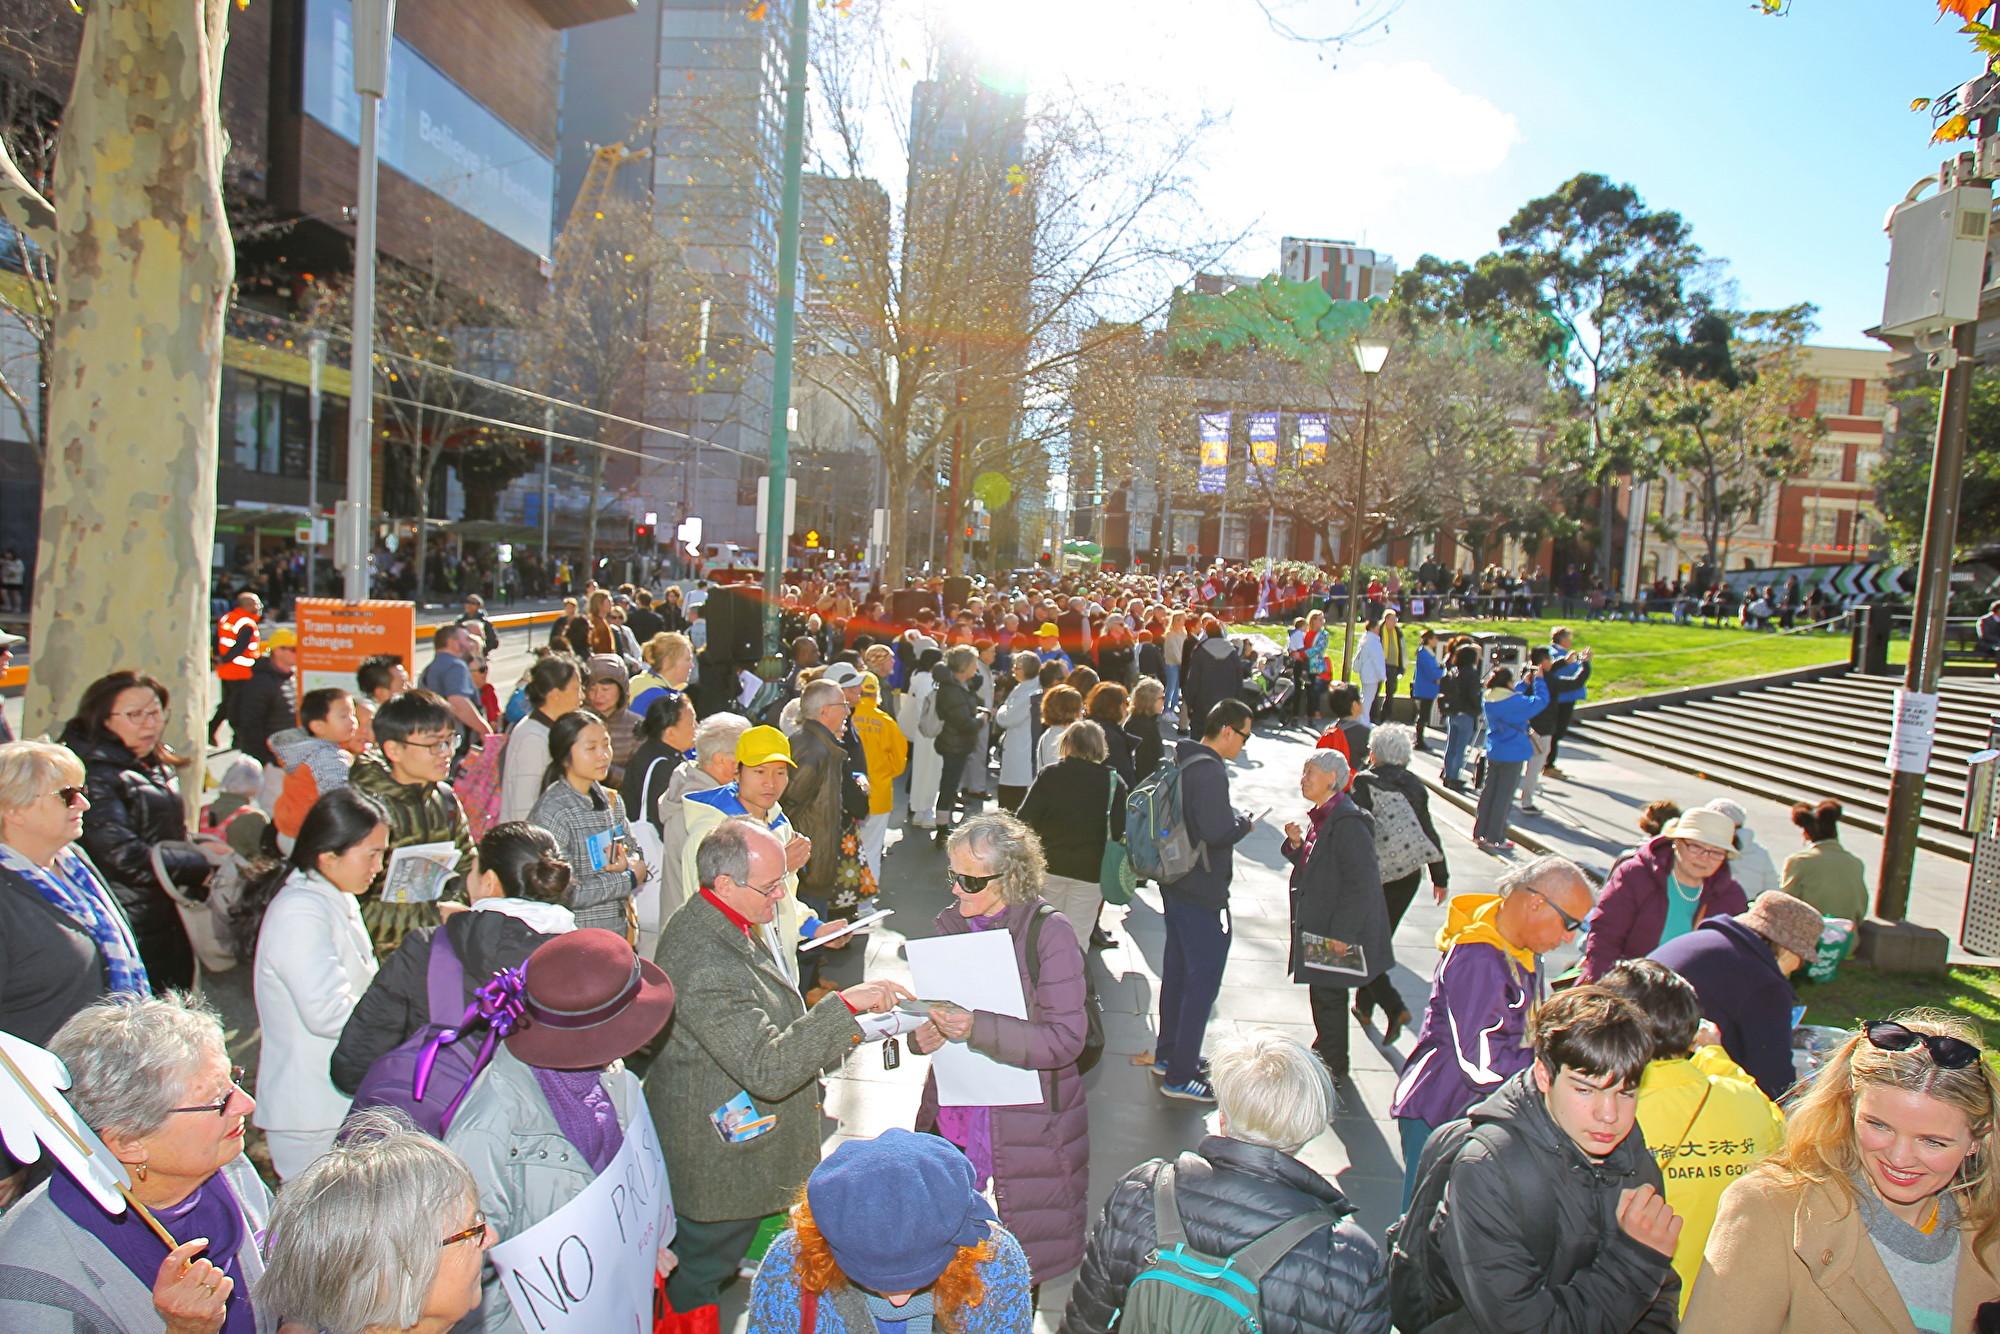 2019年7月20日,墨爾本法輪功學員在州立圖書館(State Library of Victoria)前舉行7‧20反迫害集會活動。圖為現場觀眾。 (陳明/大紀元)